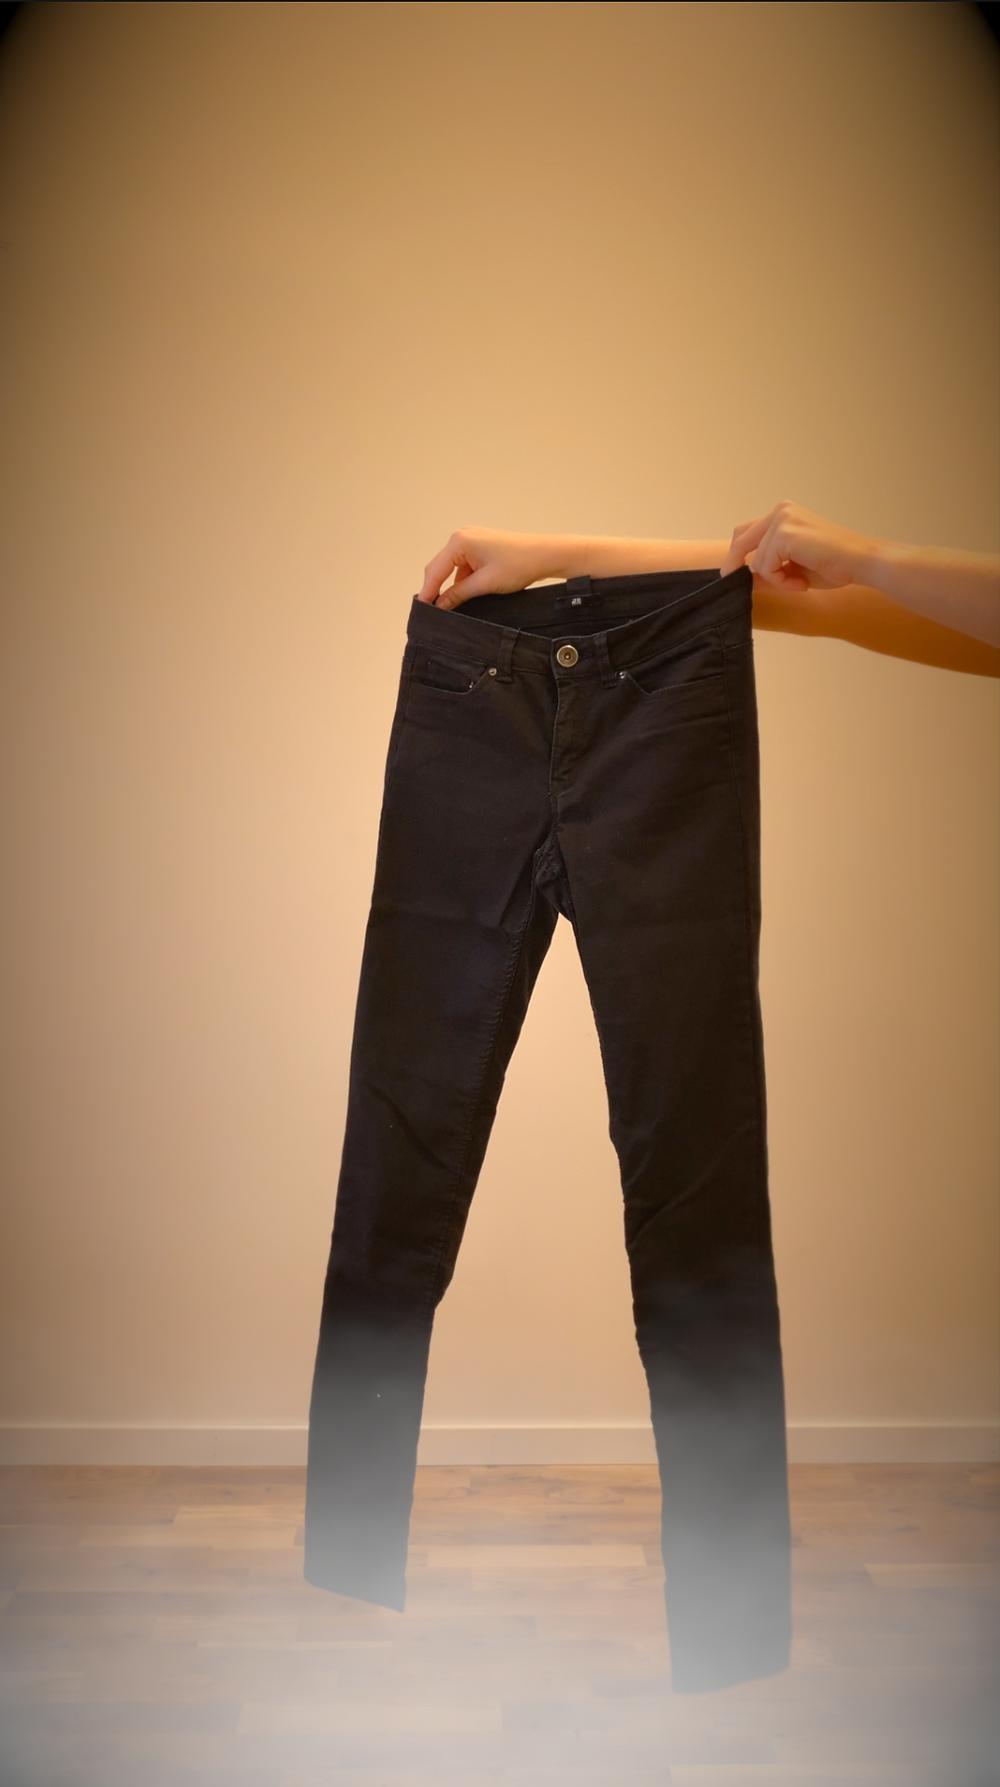 Ett par svarta jeans som hålls upp av ett par händer.